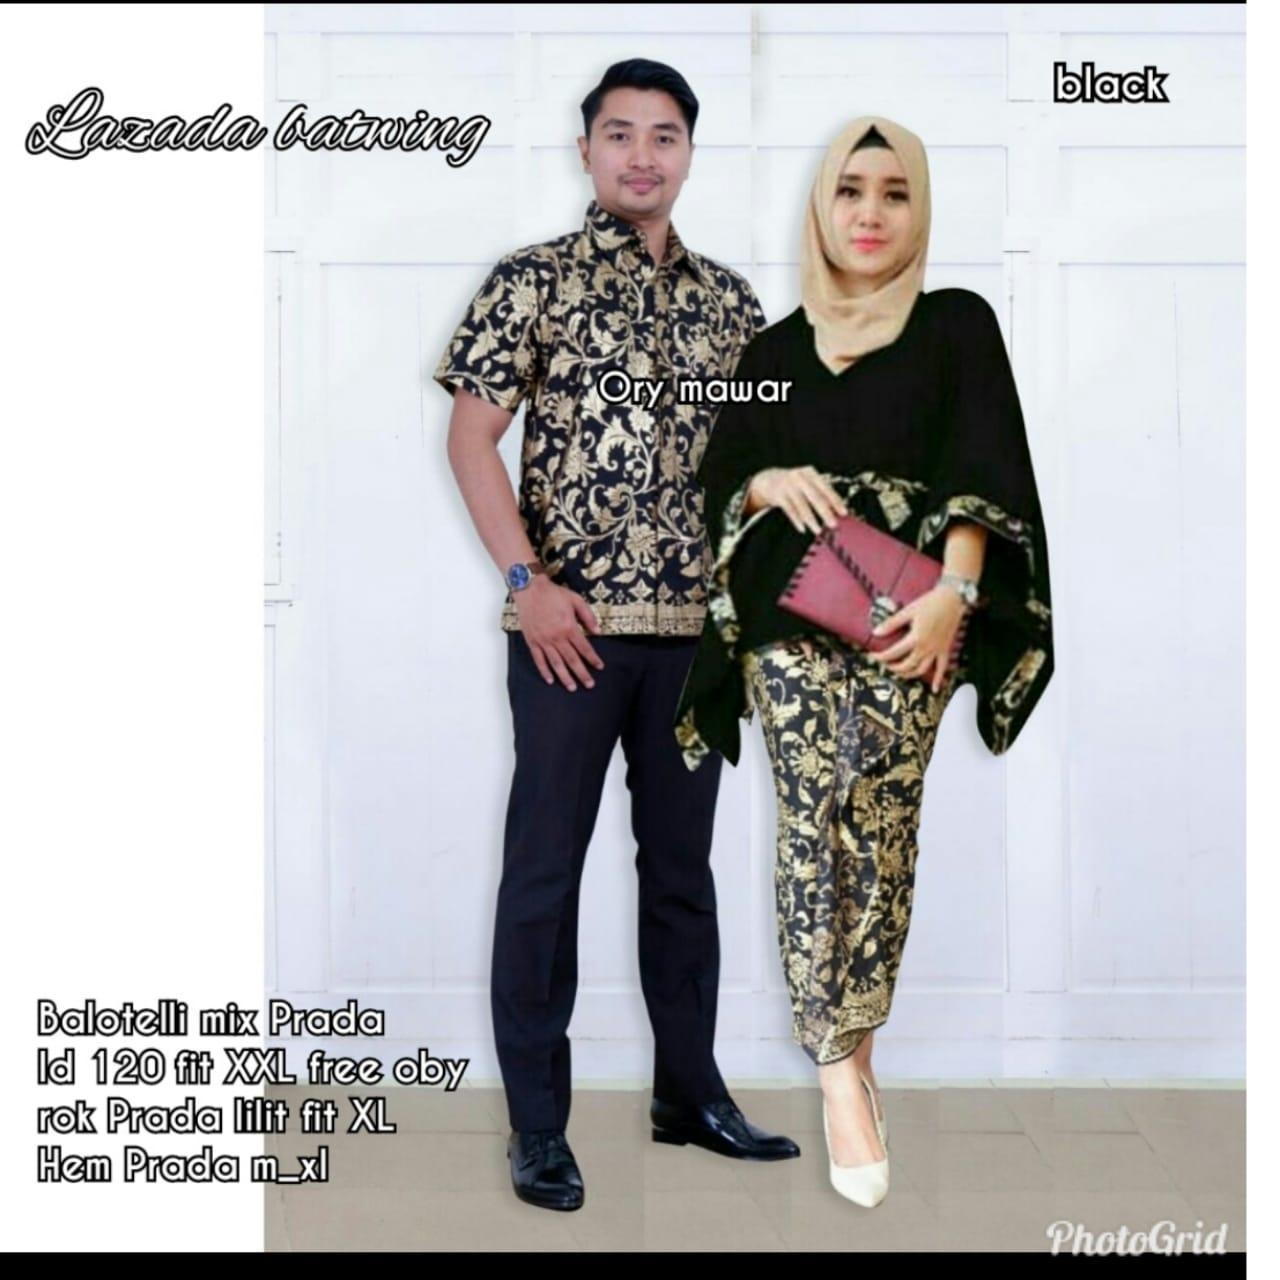 Baju Batik Couple  Baju Muslim Wanita Terbaru  Couple Batik  Gamis Wanita  Terbaru   ca357d8f34